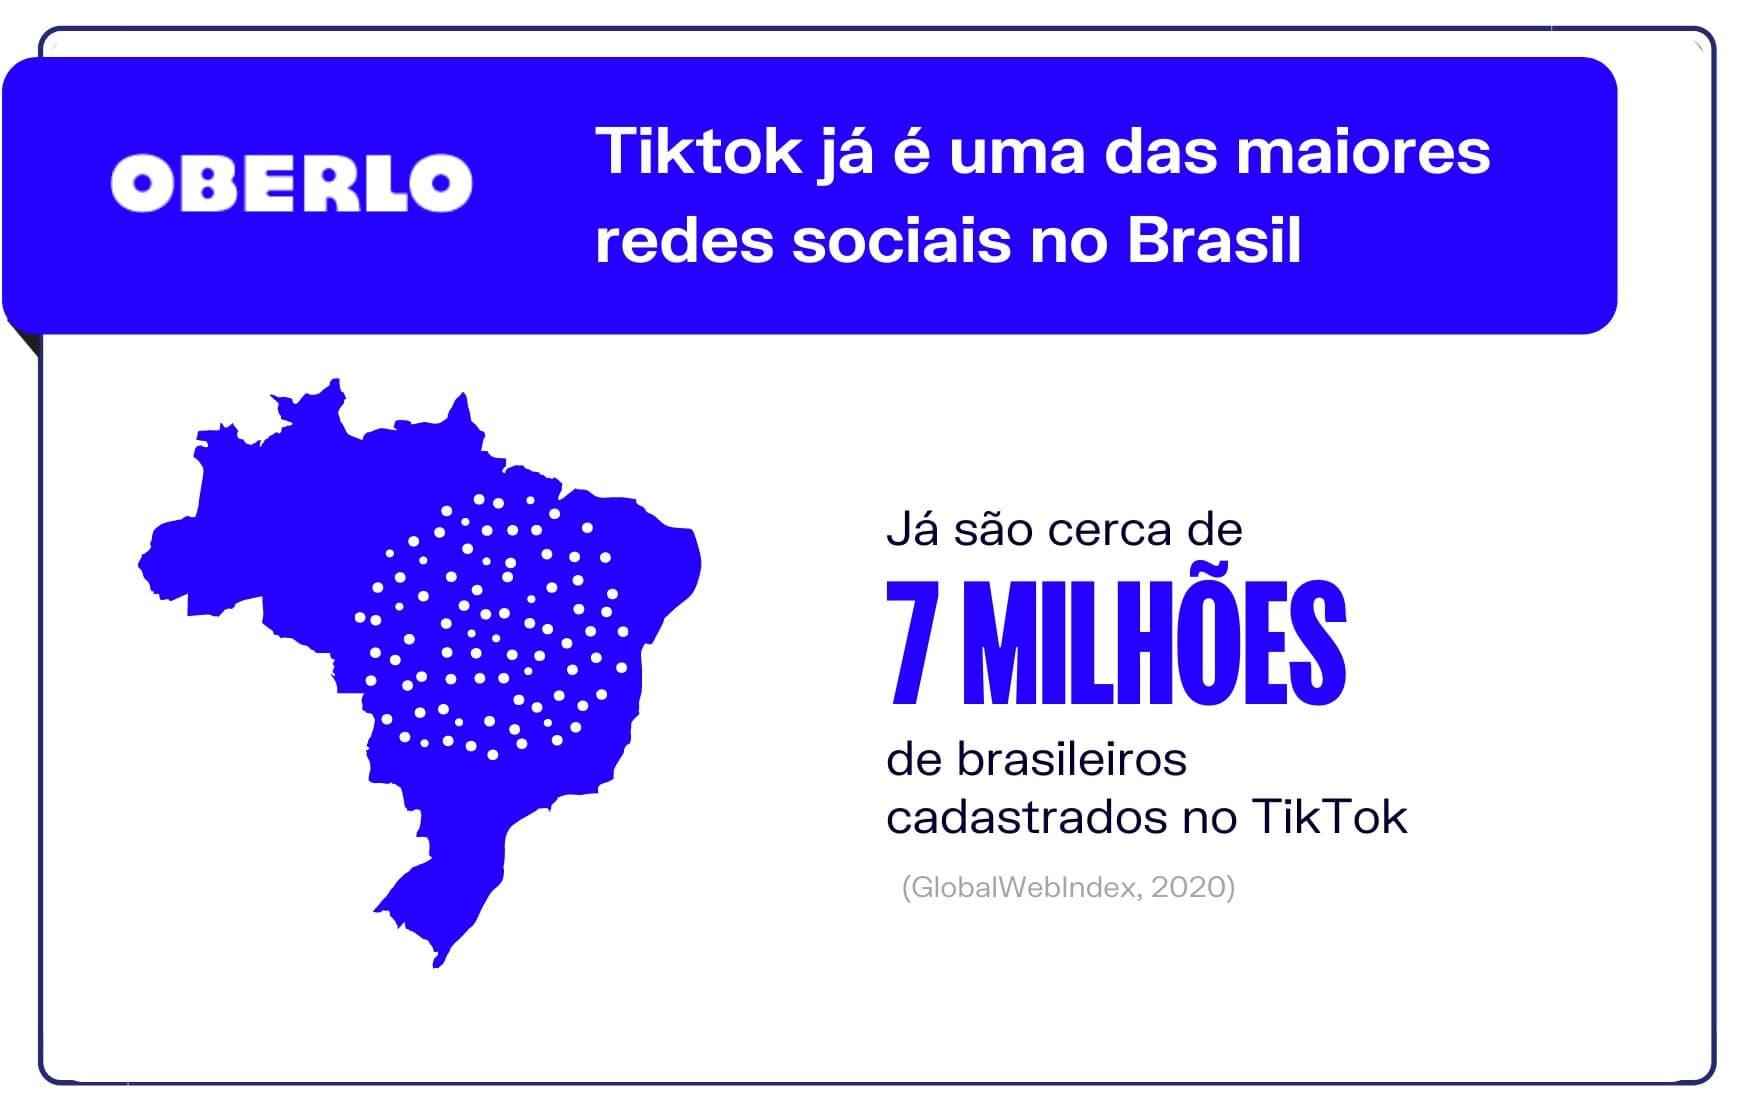 Tiktok já é uma das maiores redes sociais no Brasil